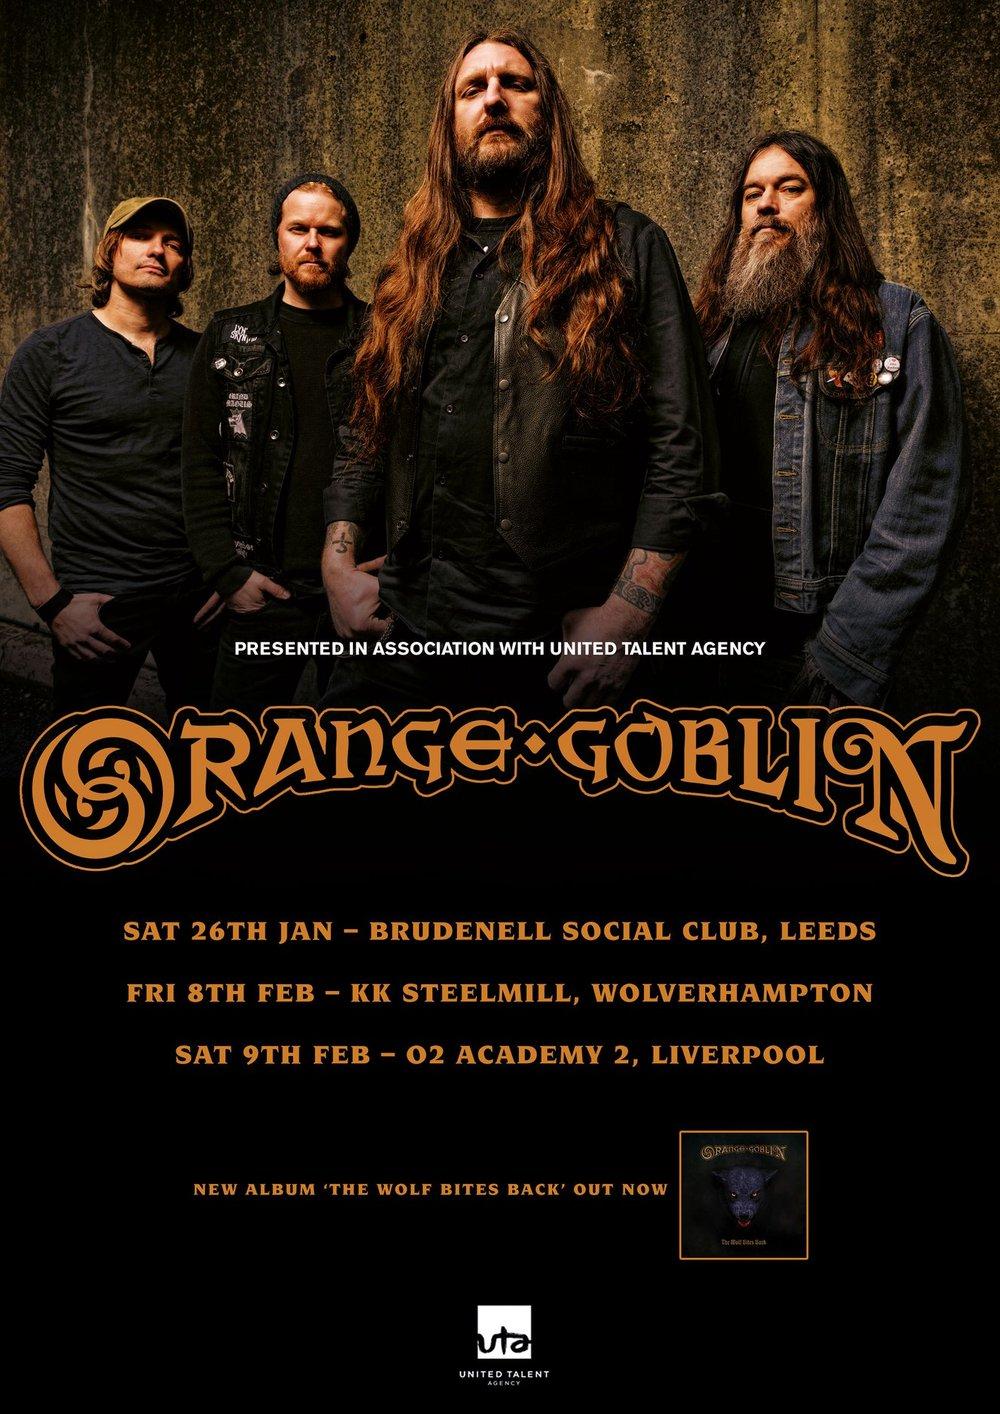 Orange Goblin UK shows poster dates 2019.